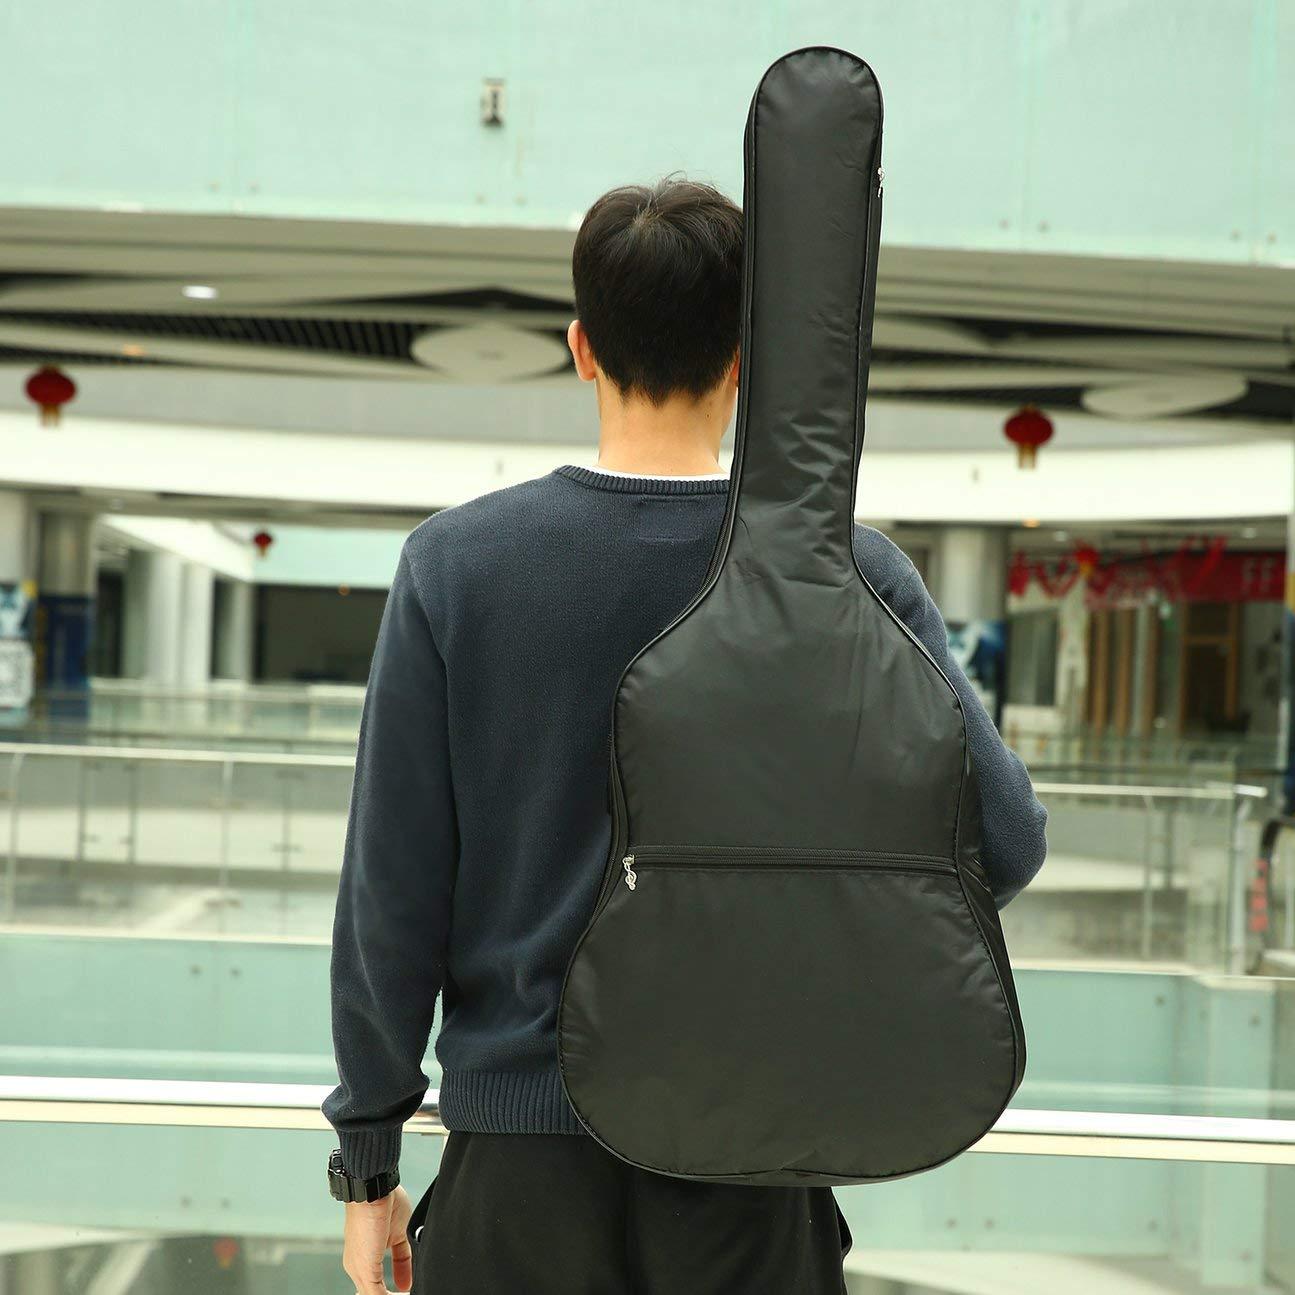 COULEUR: noir 420D avec bandouli/ère r/églable housse de protection pour /étui de guitare acoustique en nylon 420D /Étui de rangement pour guitare /étui de nylon